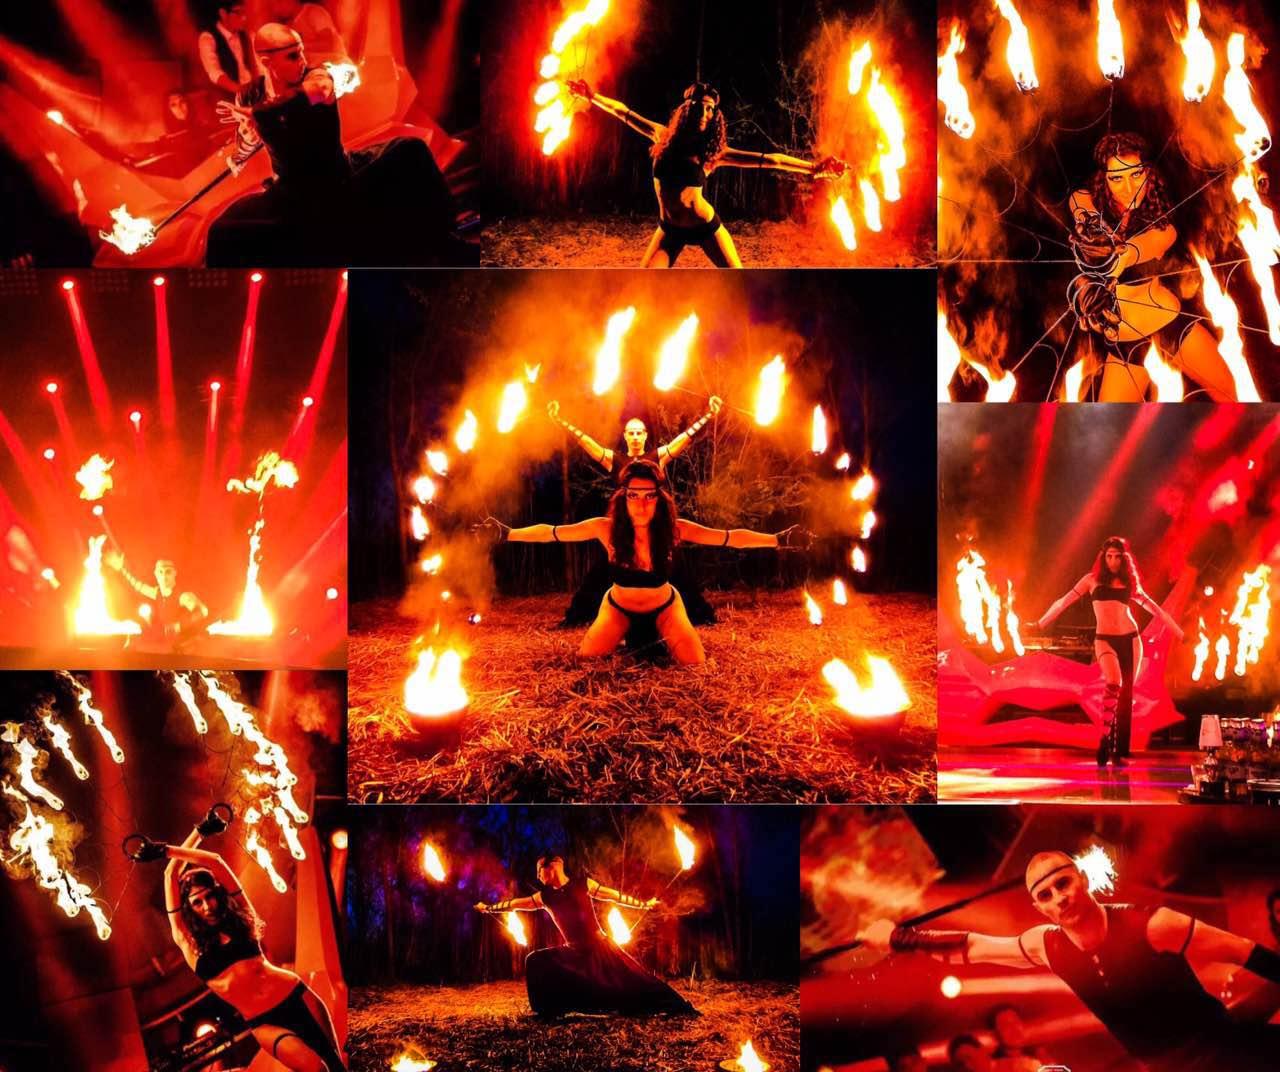 高端外籍创意杂技节目火舞